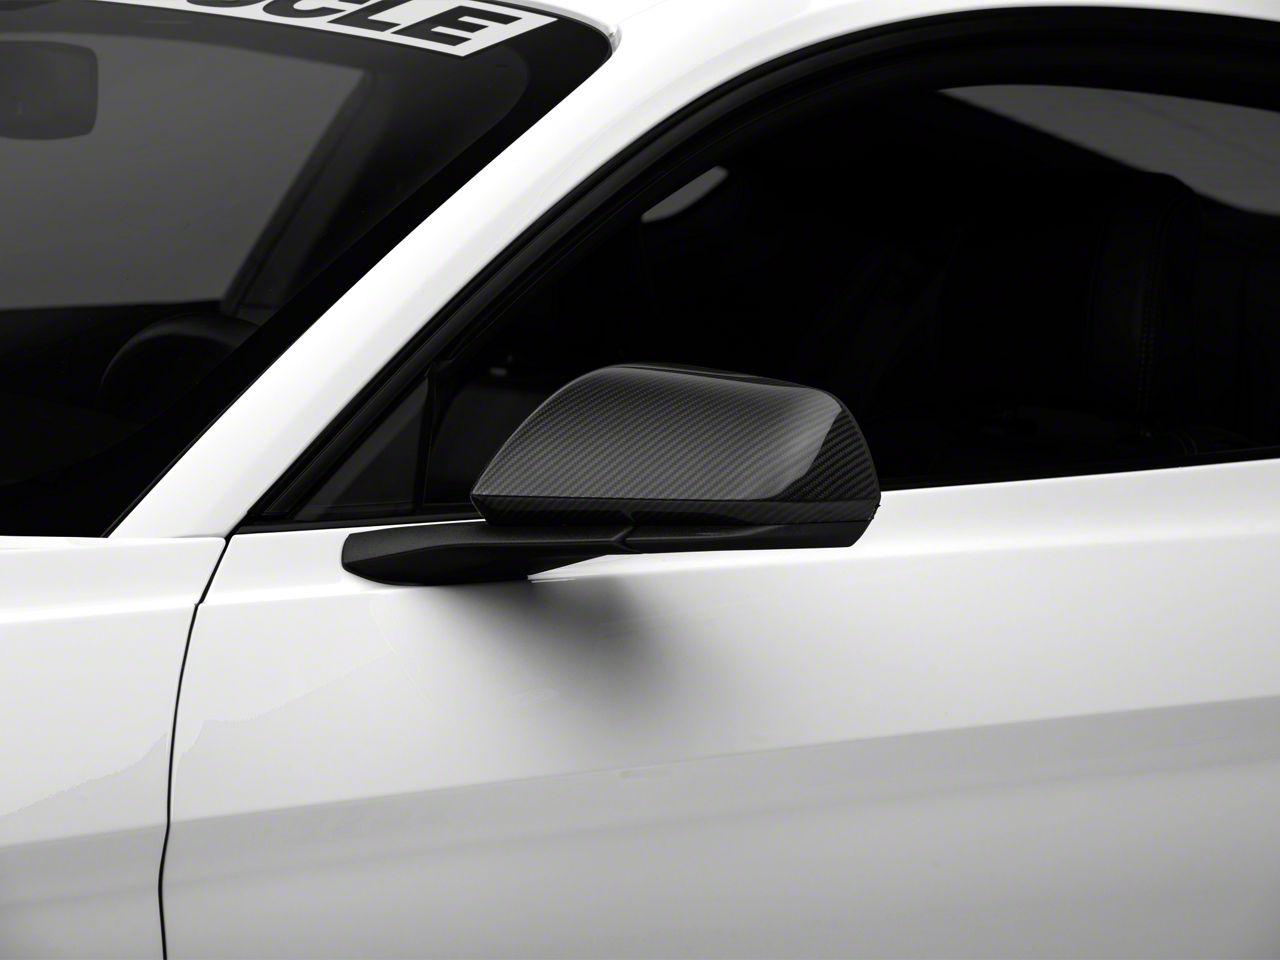 MMD Carbon Fiber Mirror Covers (15-19 GT, EcoBoost, V6 w/o Mirror Signals)